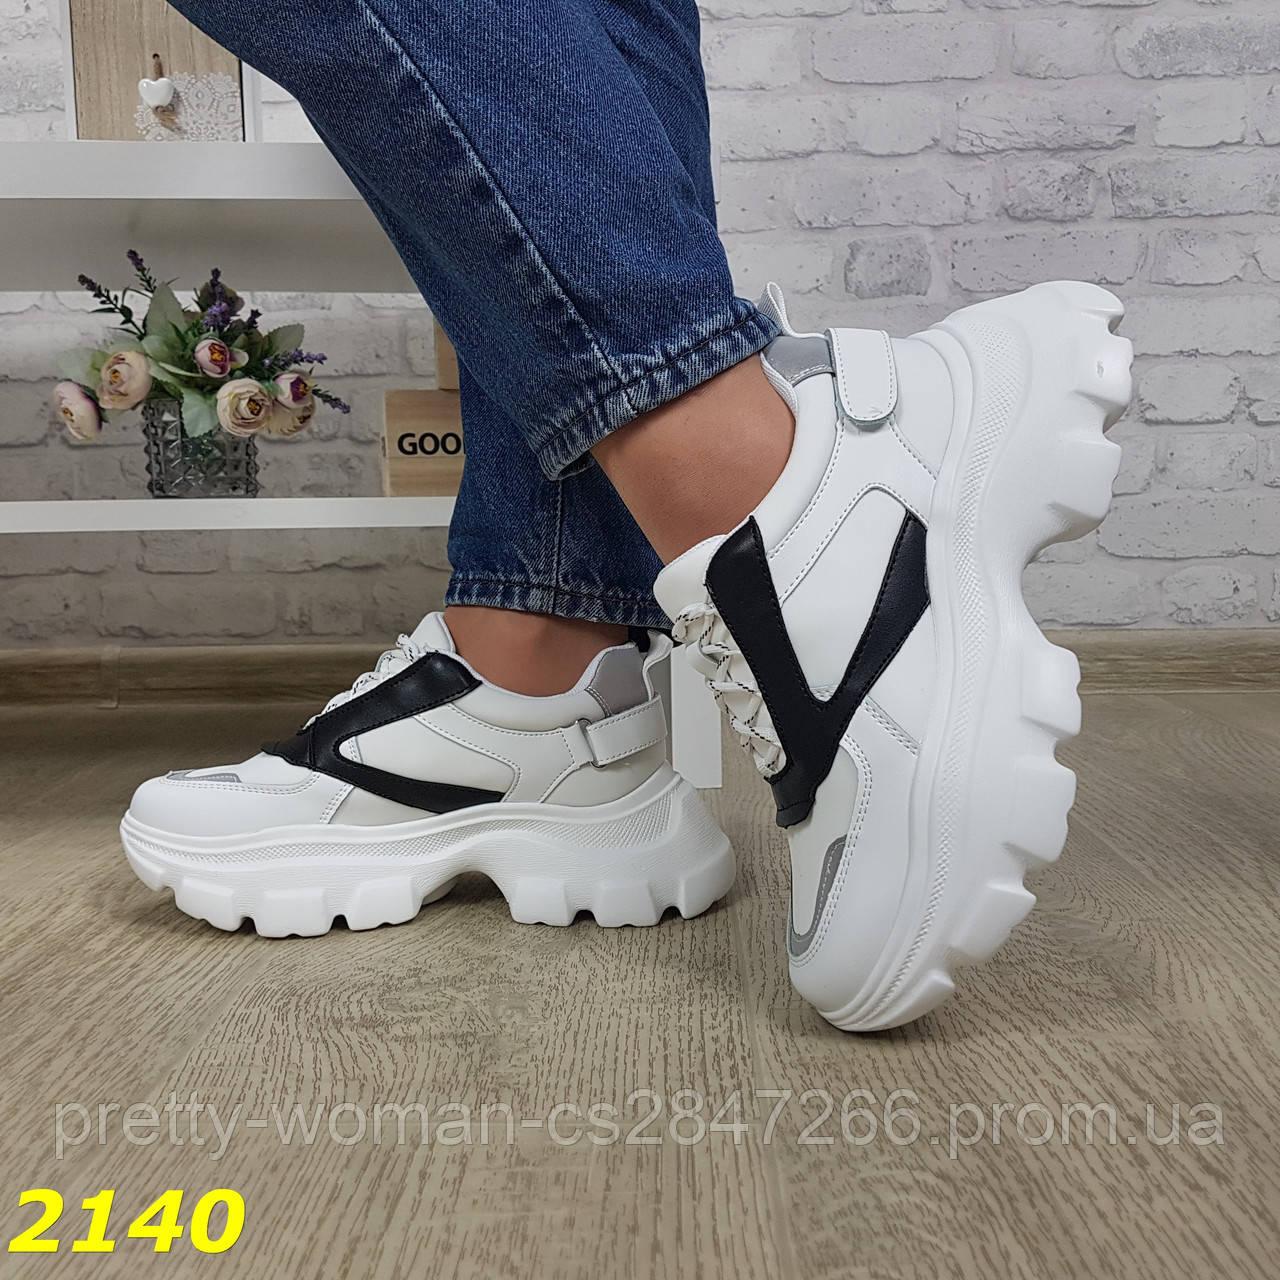 Кроссовки белые с черным на высокой массивной тракторной подошве